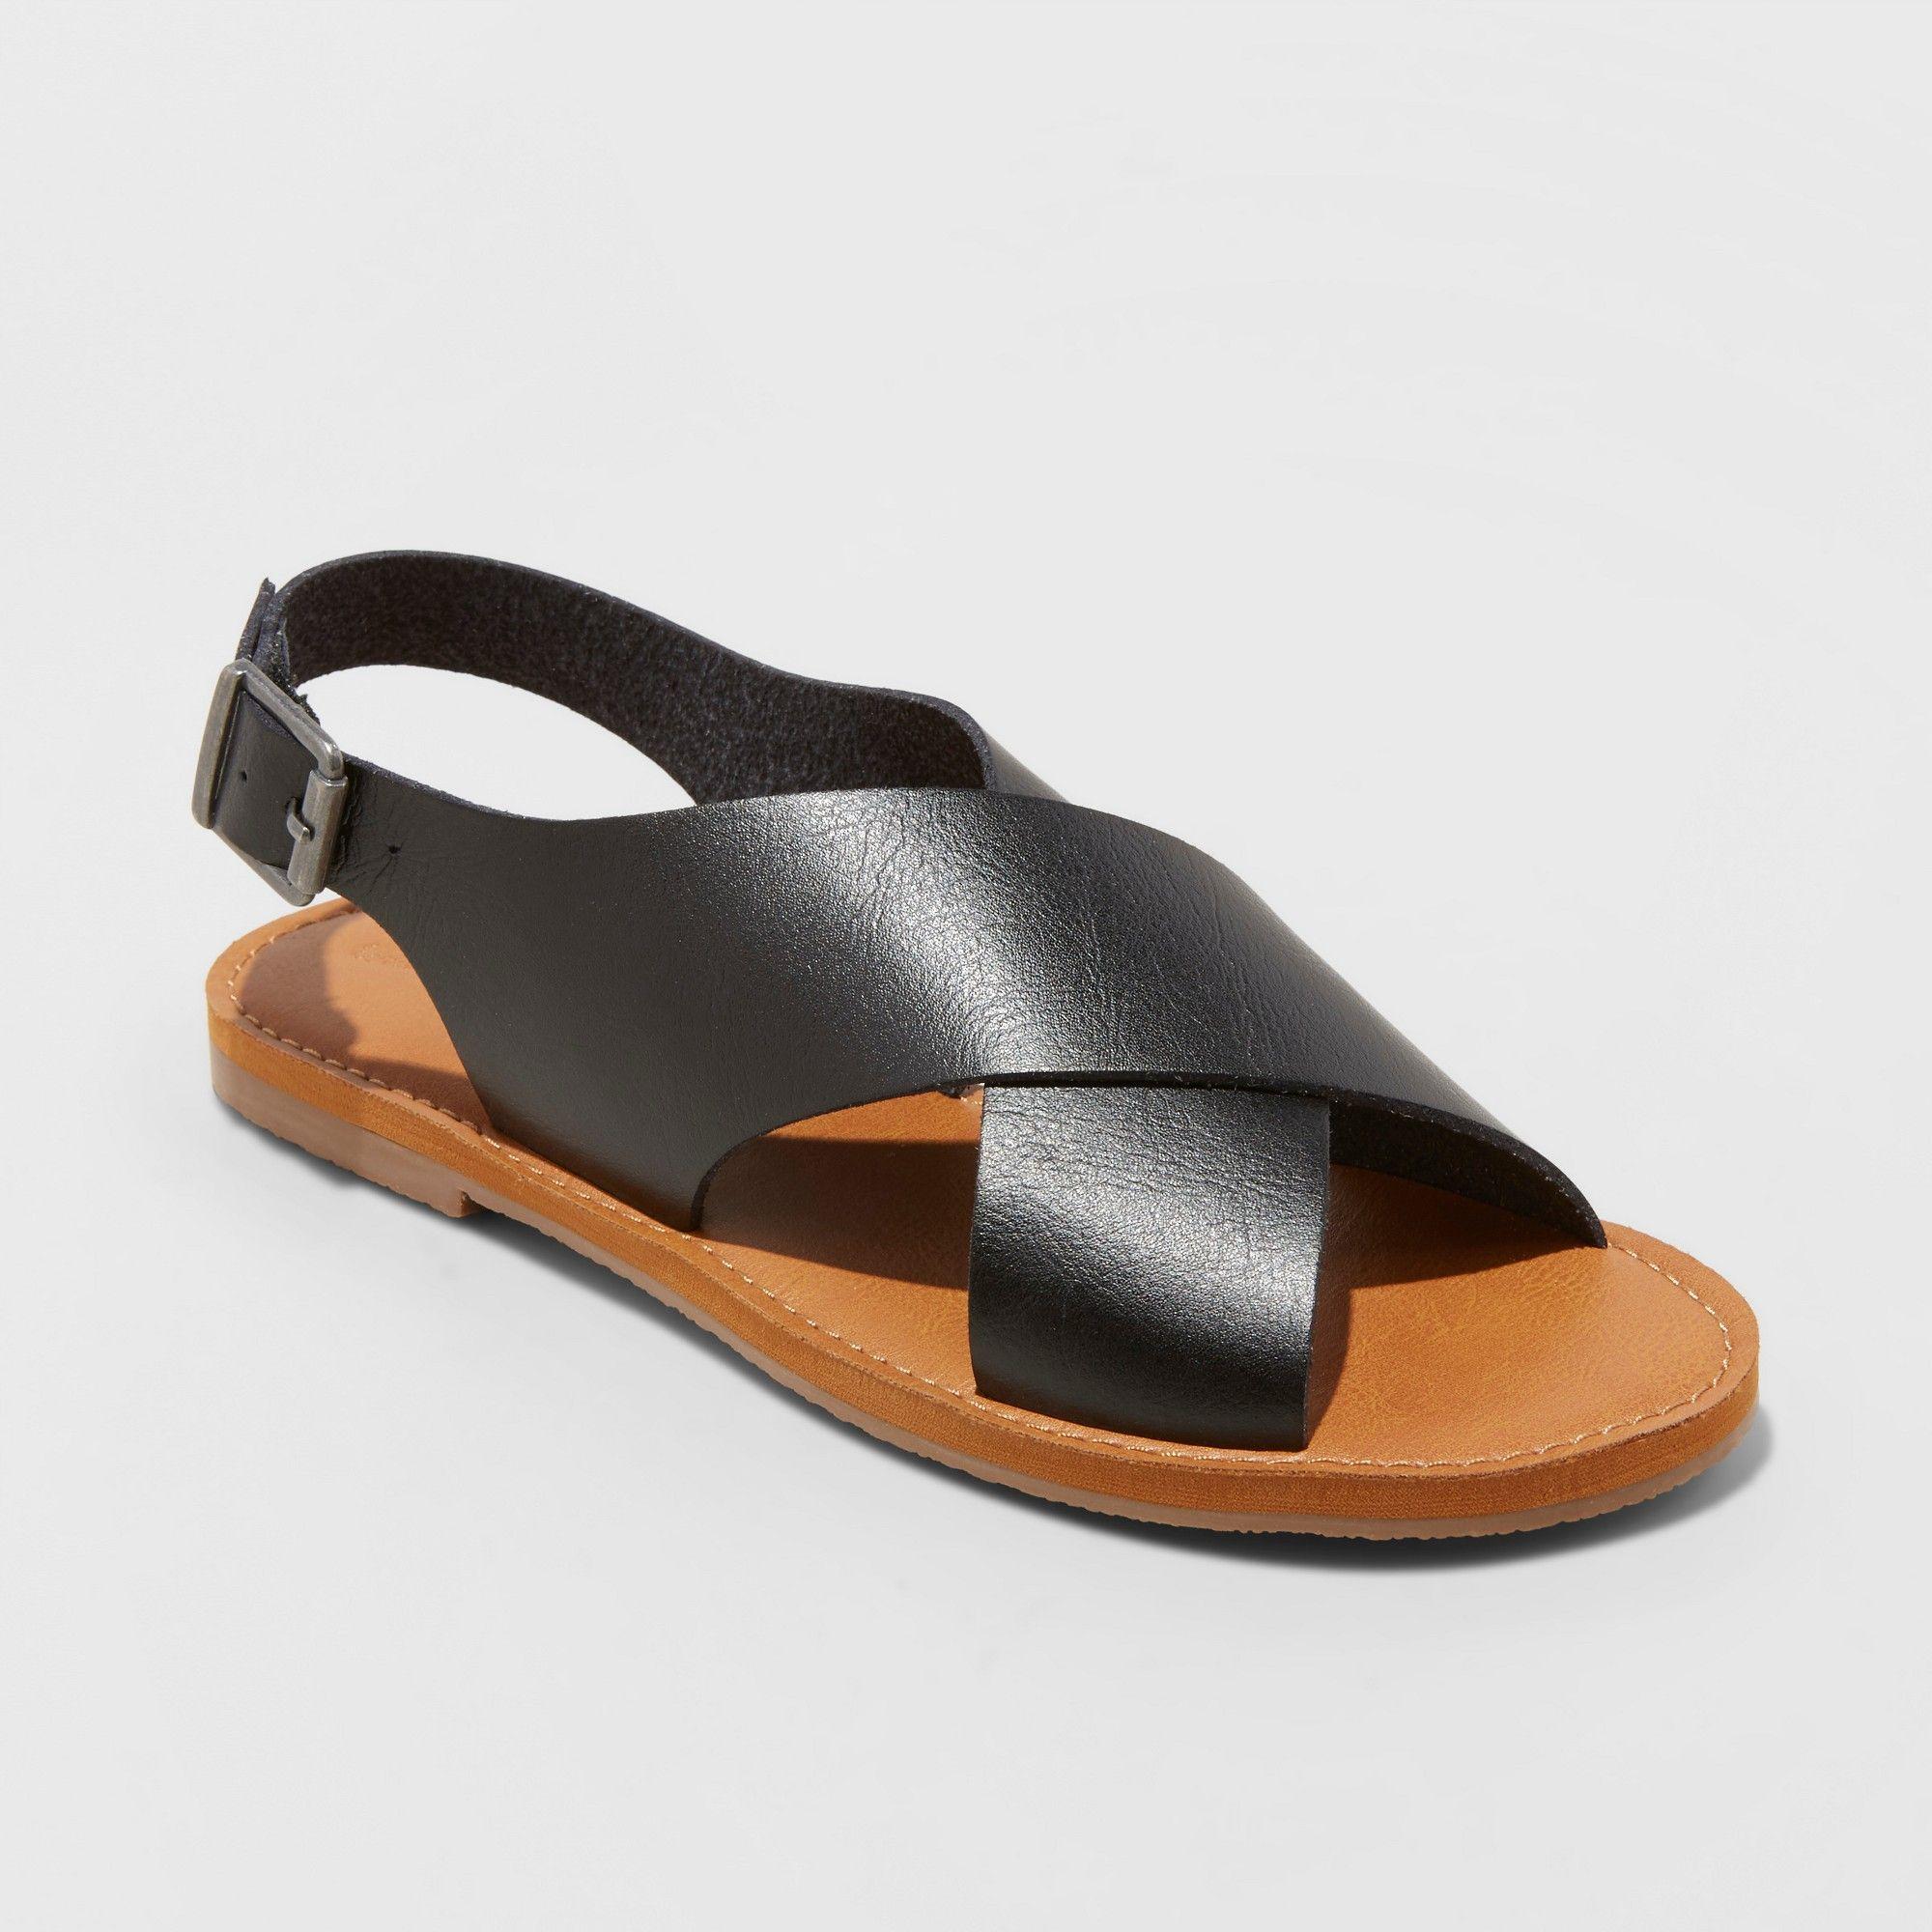 a6c65ecd4 Women's Sarina Crossband Slide Sandals - Universal Thread Black 8 in ...